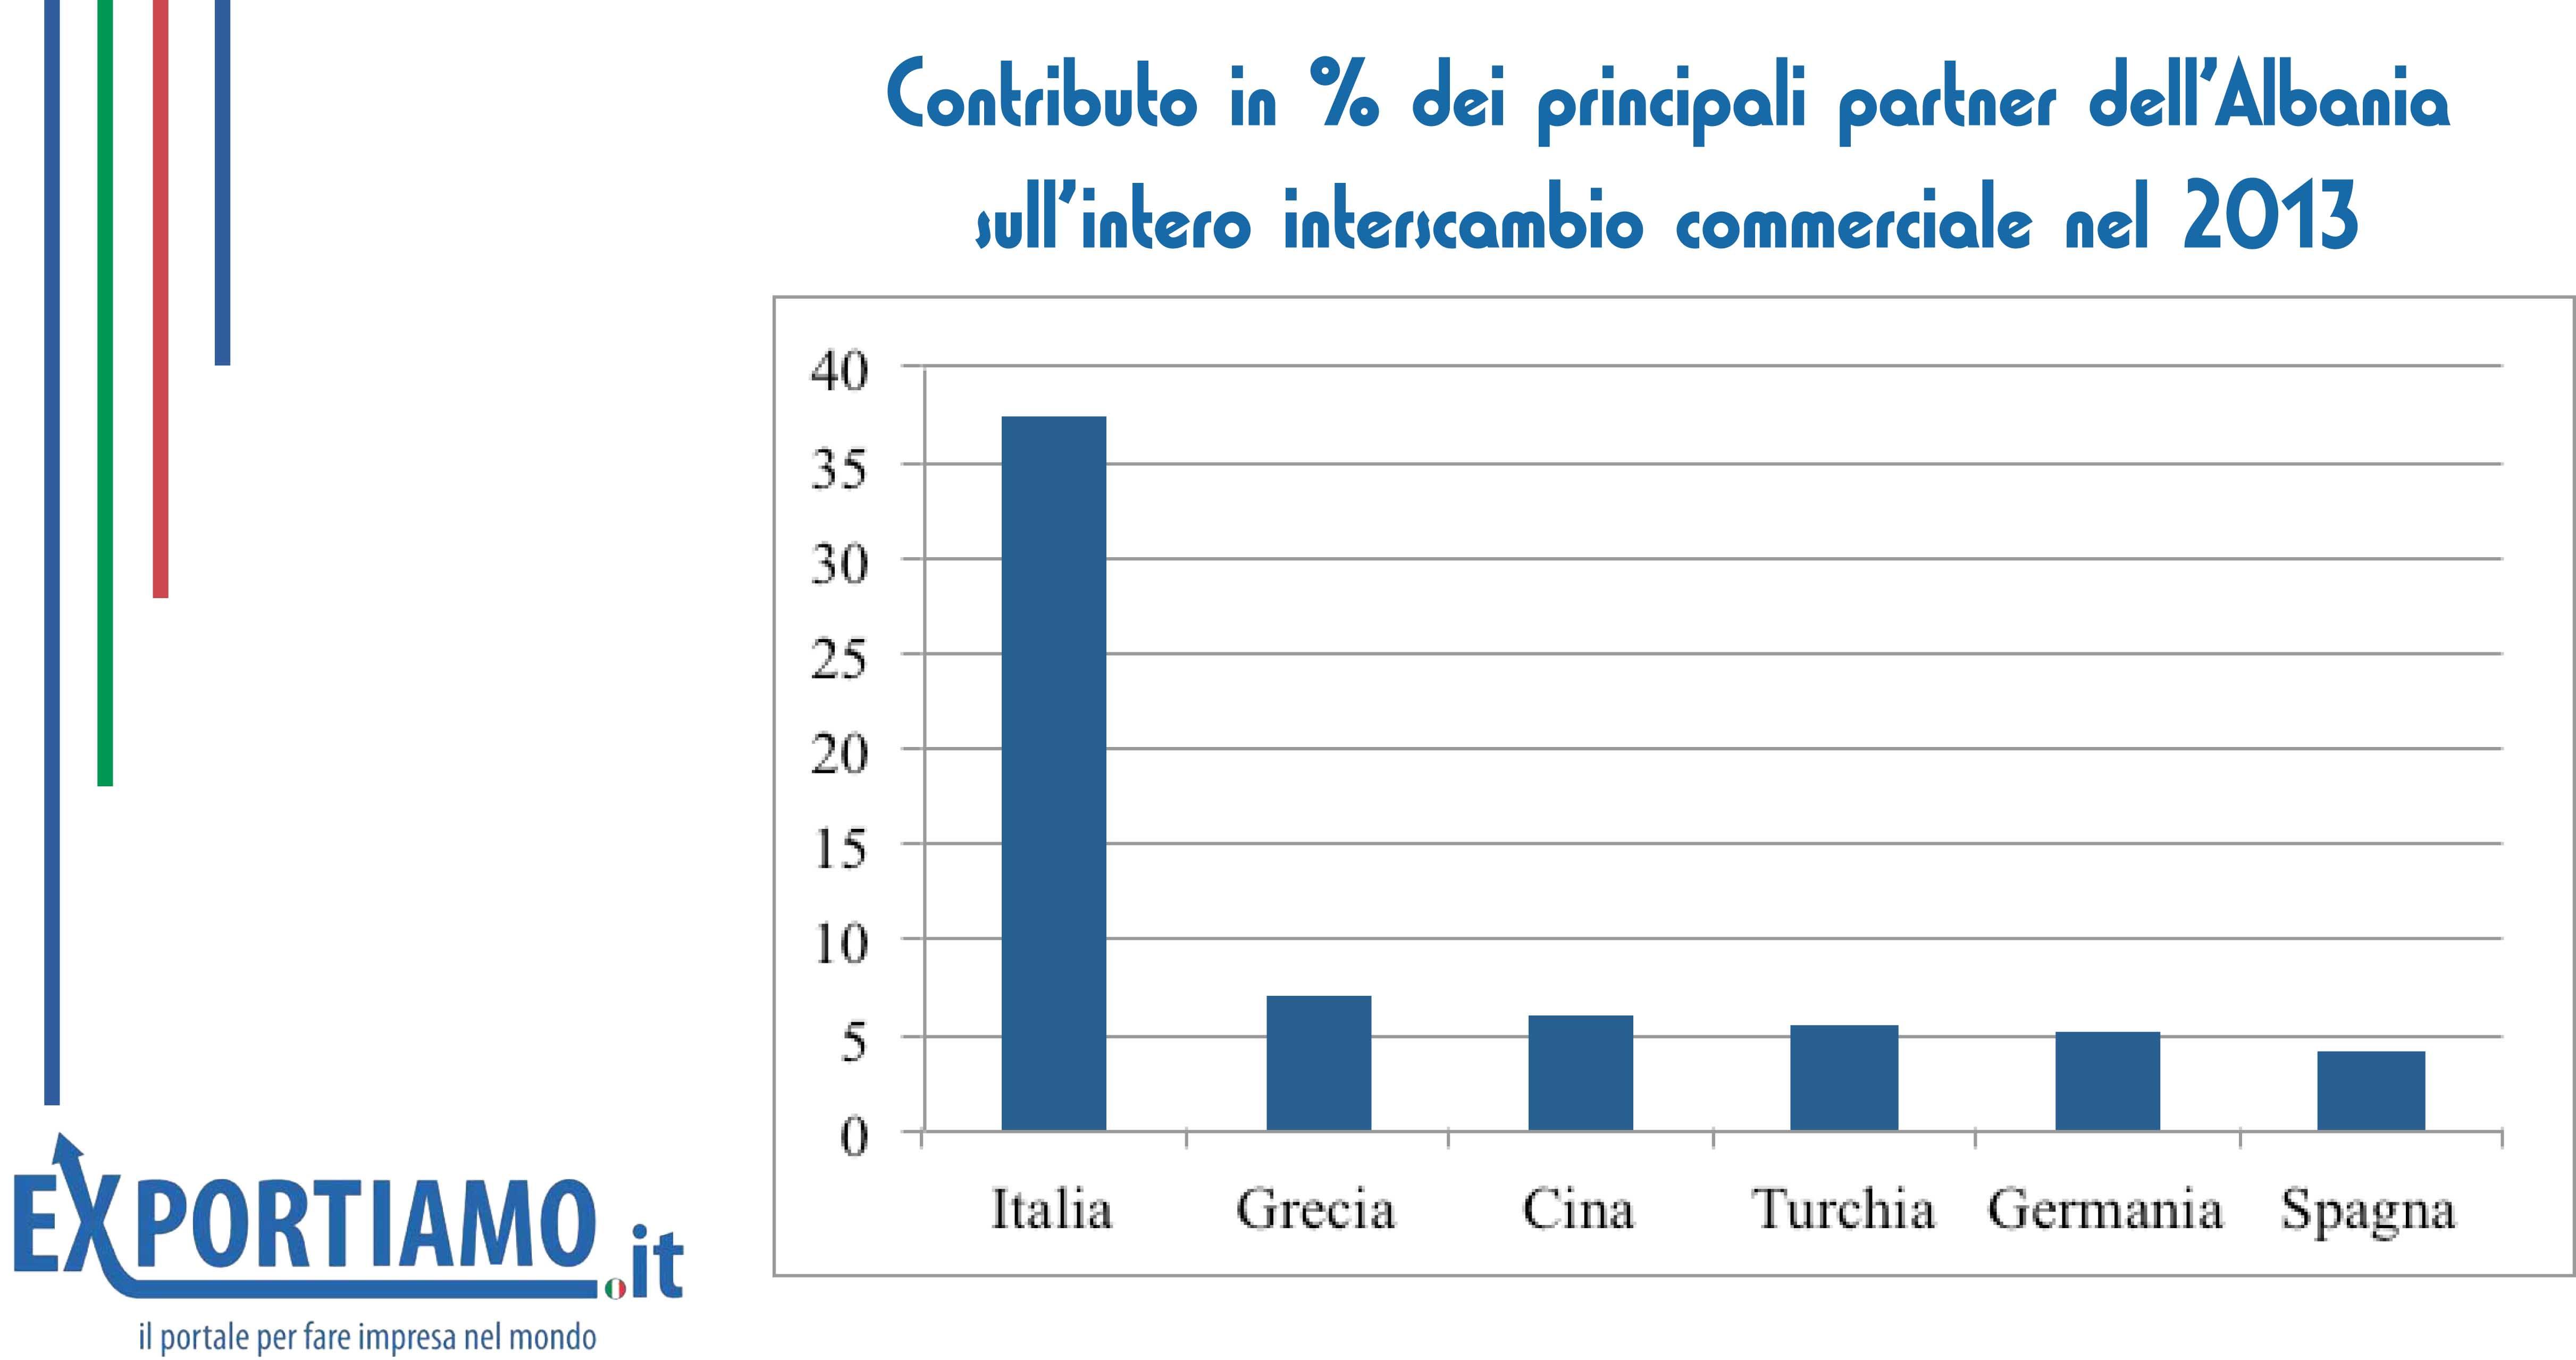 economia albanese: istogrammi con le quote di interscambio tra Albania e partner commerciali